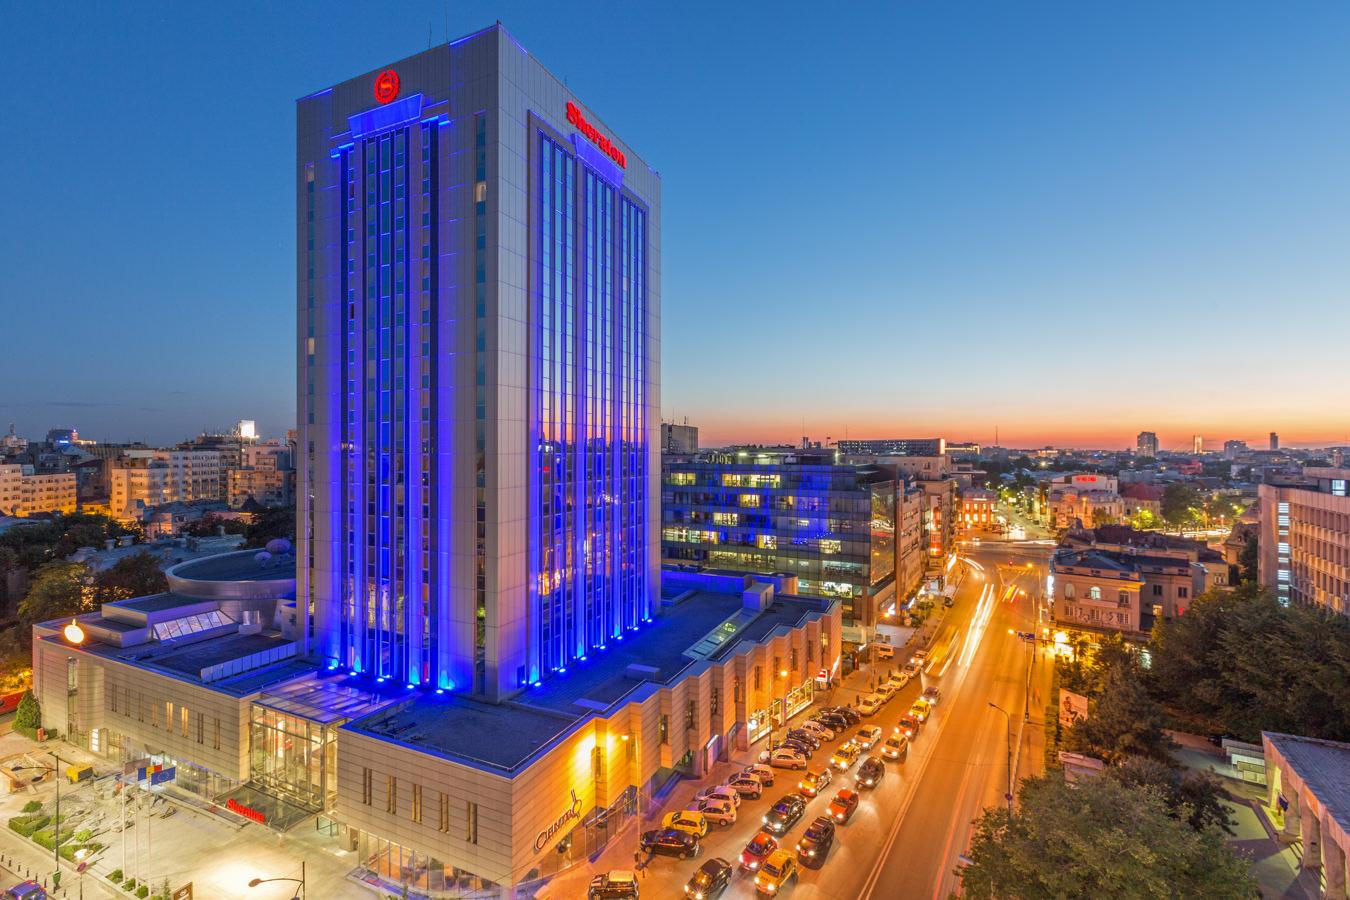 SHERATON, Romania, Γιώργος Φάκαρος - Αρχιτεκτονική Φωτογραφία | Εσωτερικοί Χώροι | Φωτογραφία Ξενοδοχειών - Photography / Φωτογραφία